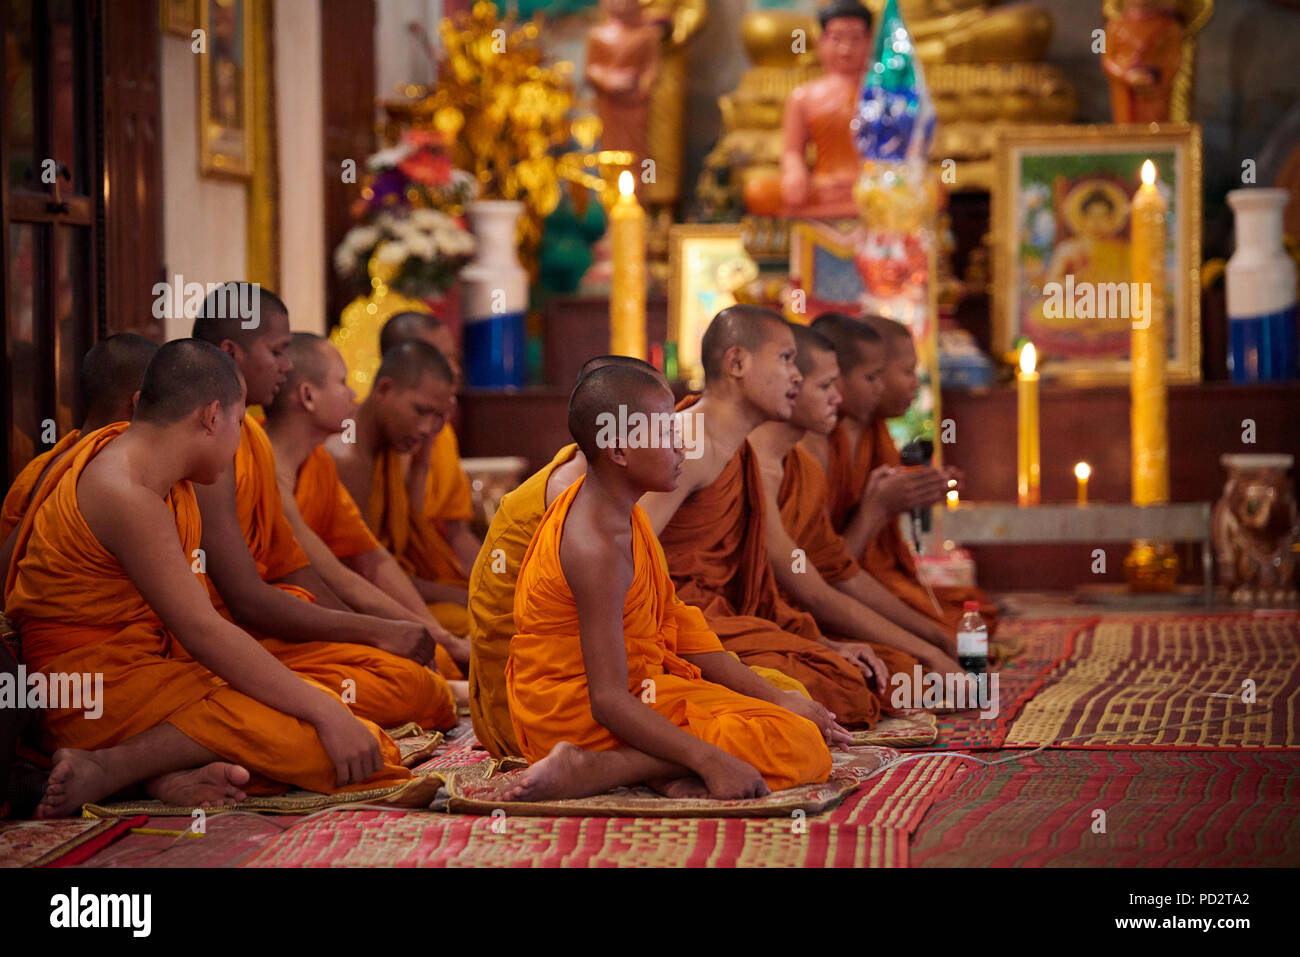 Un gruppo di giovani monaci buddisti seduto a terra durante una cerimonia in uno dei santuari nel loro monastero. In Siem Reap, Cambogia. Immagini Stock